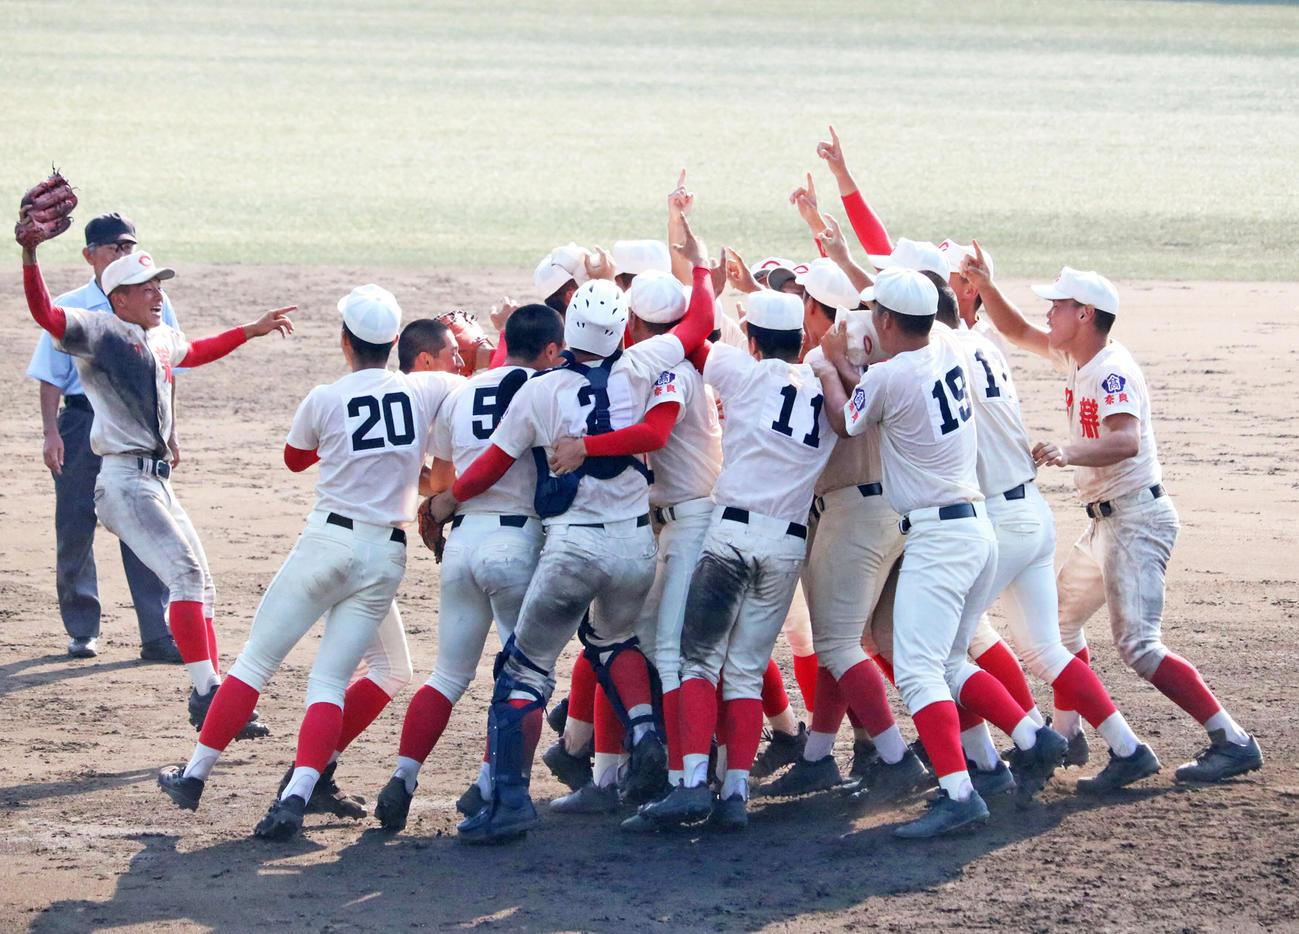 昨年の奈良大会で優勝し喜びを爆発させる智弁学園の選手たち(2019年7月29日撮影)